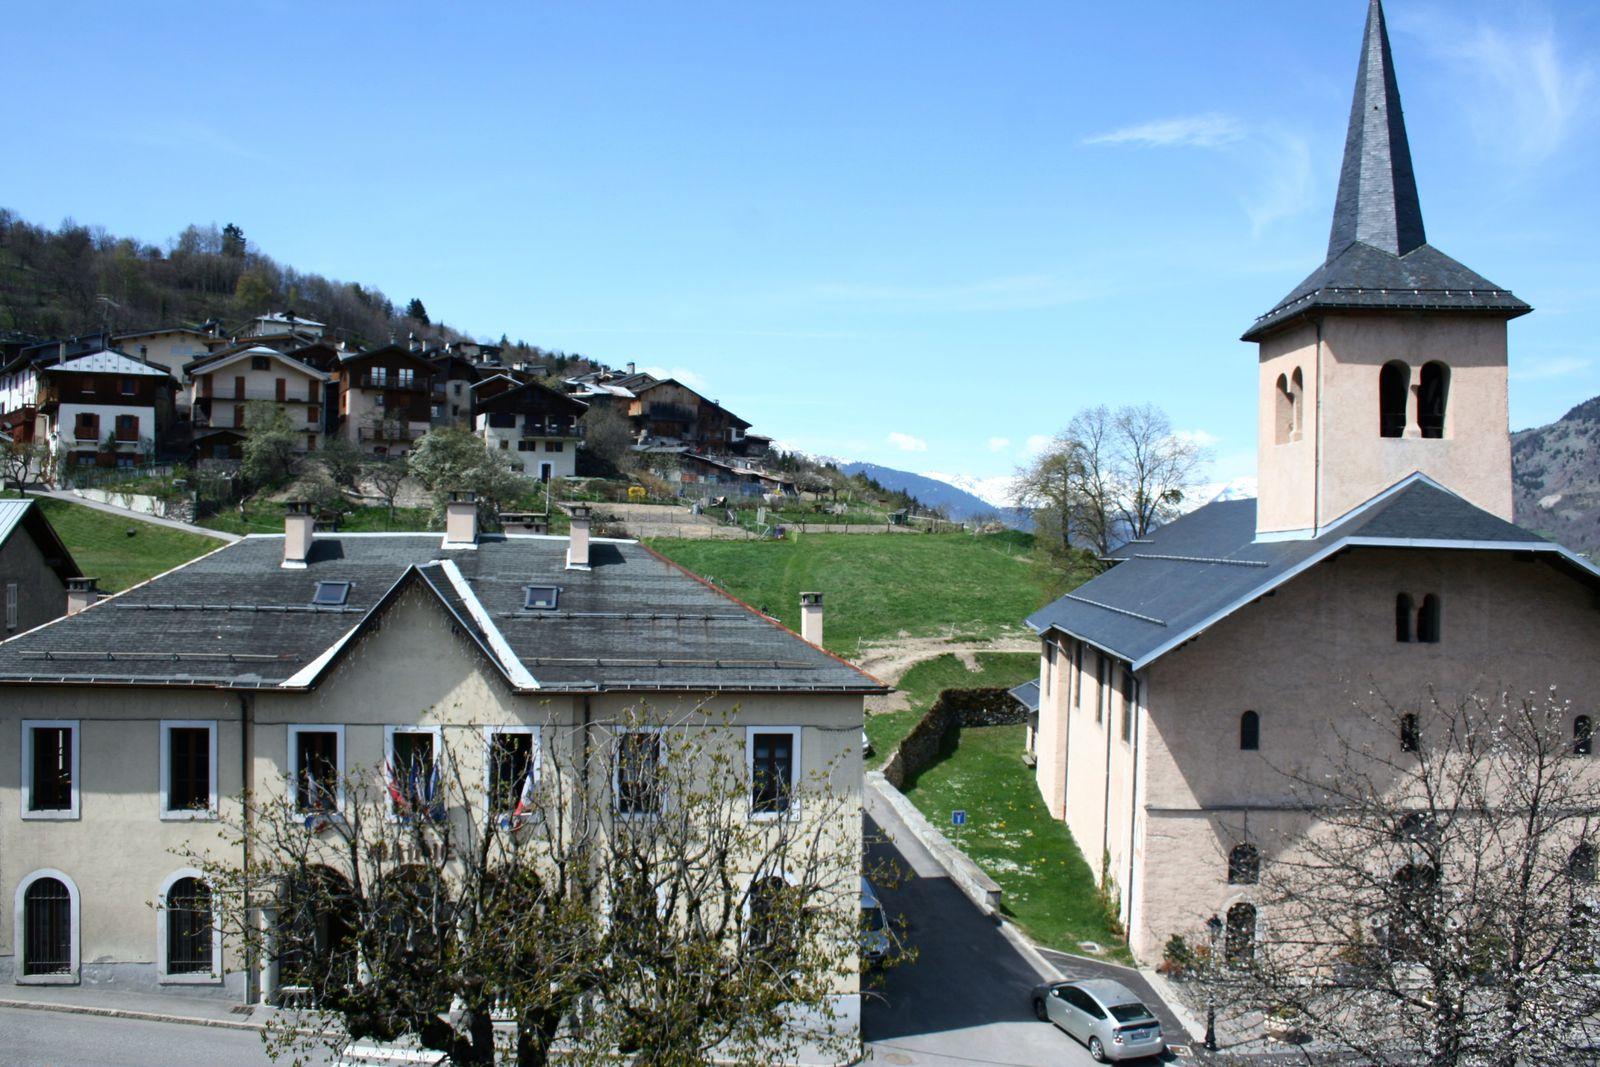 Villages-2-_3903.jpg